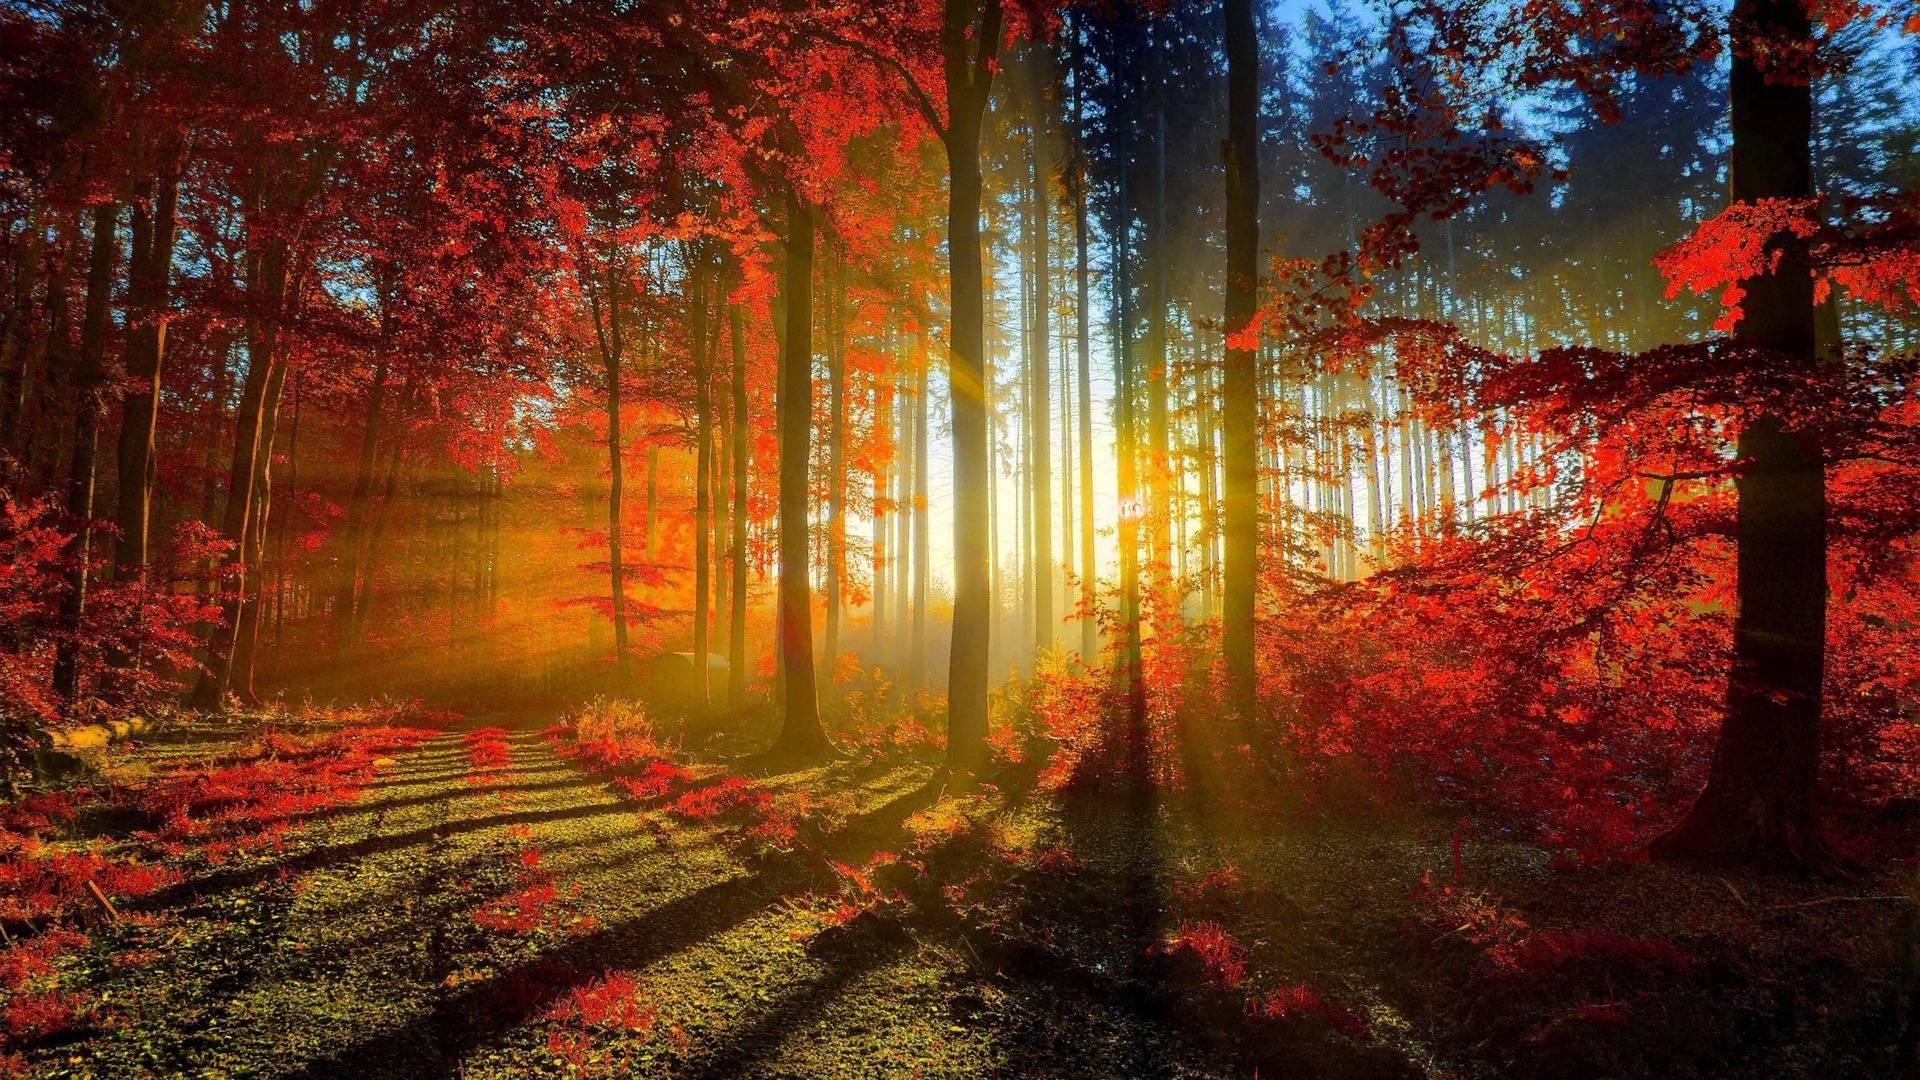 Free Autumn Scenic Wallpaper